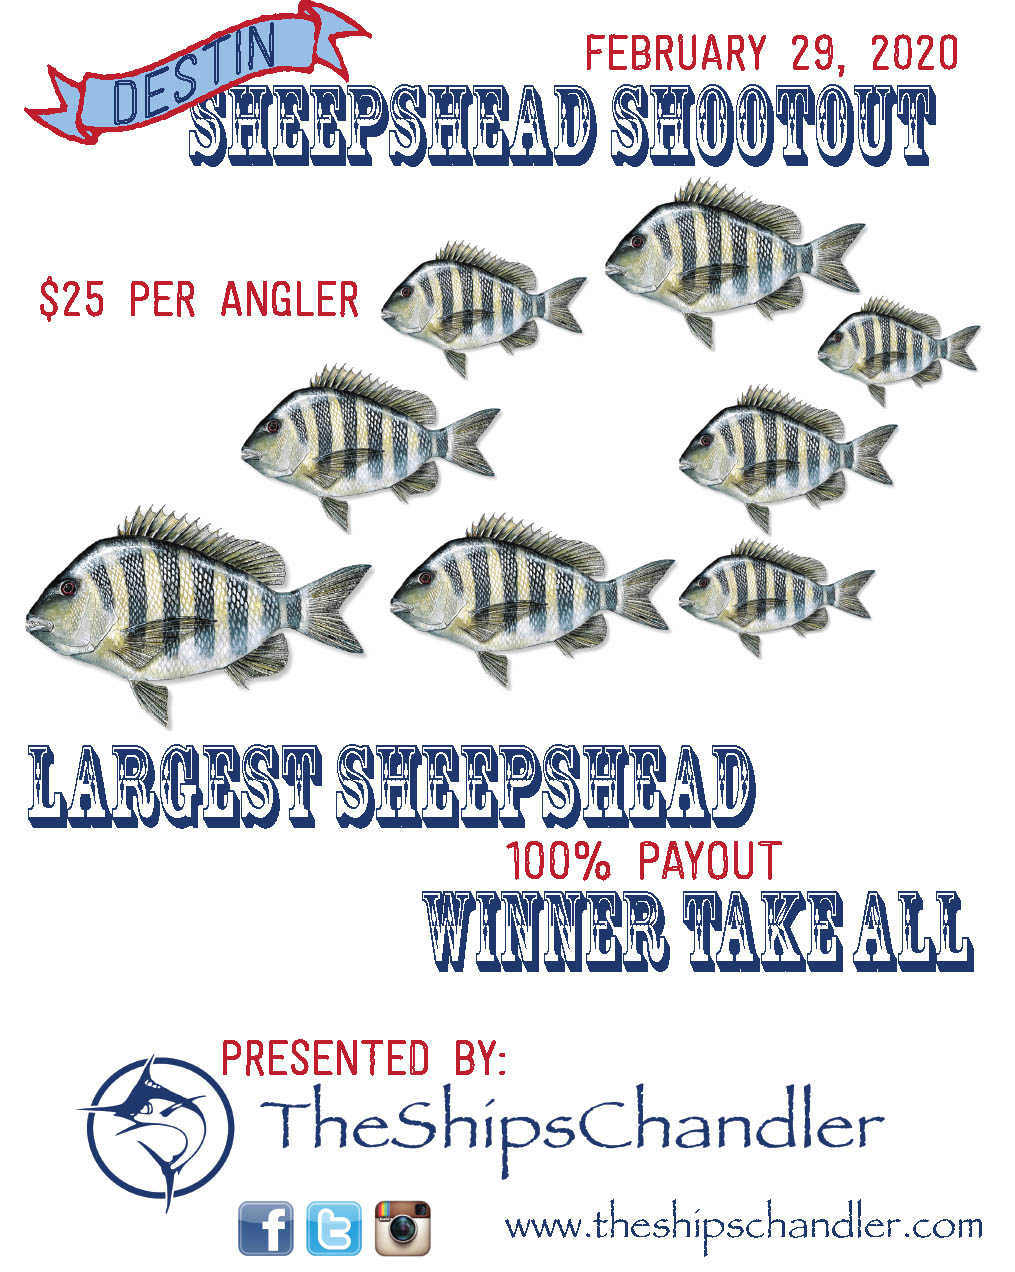 Ships Chandler Sheepshead Shootout 2020